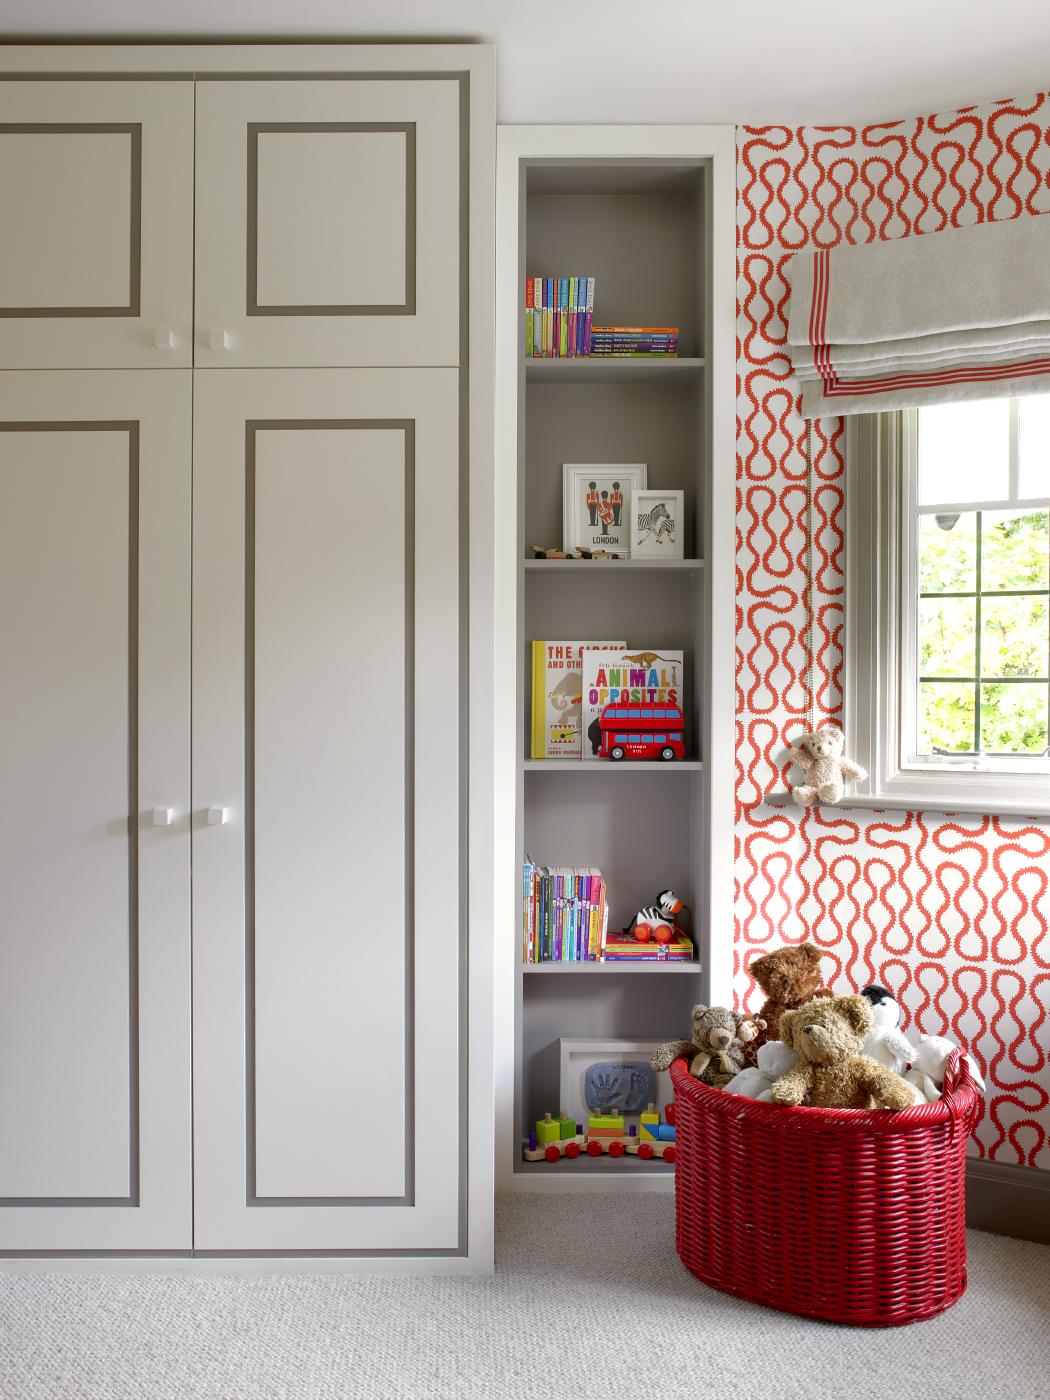 Дизайн штор для детской комнаты римских с геометрическим рисунком